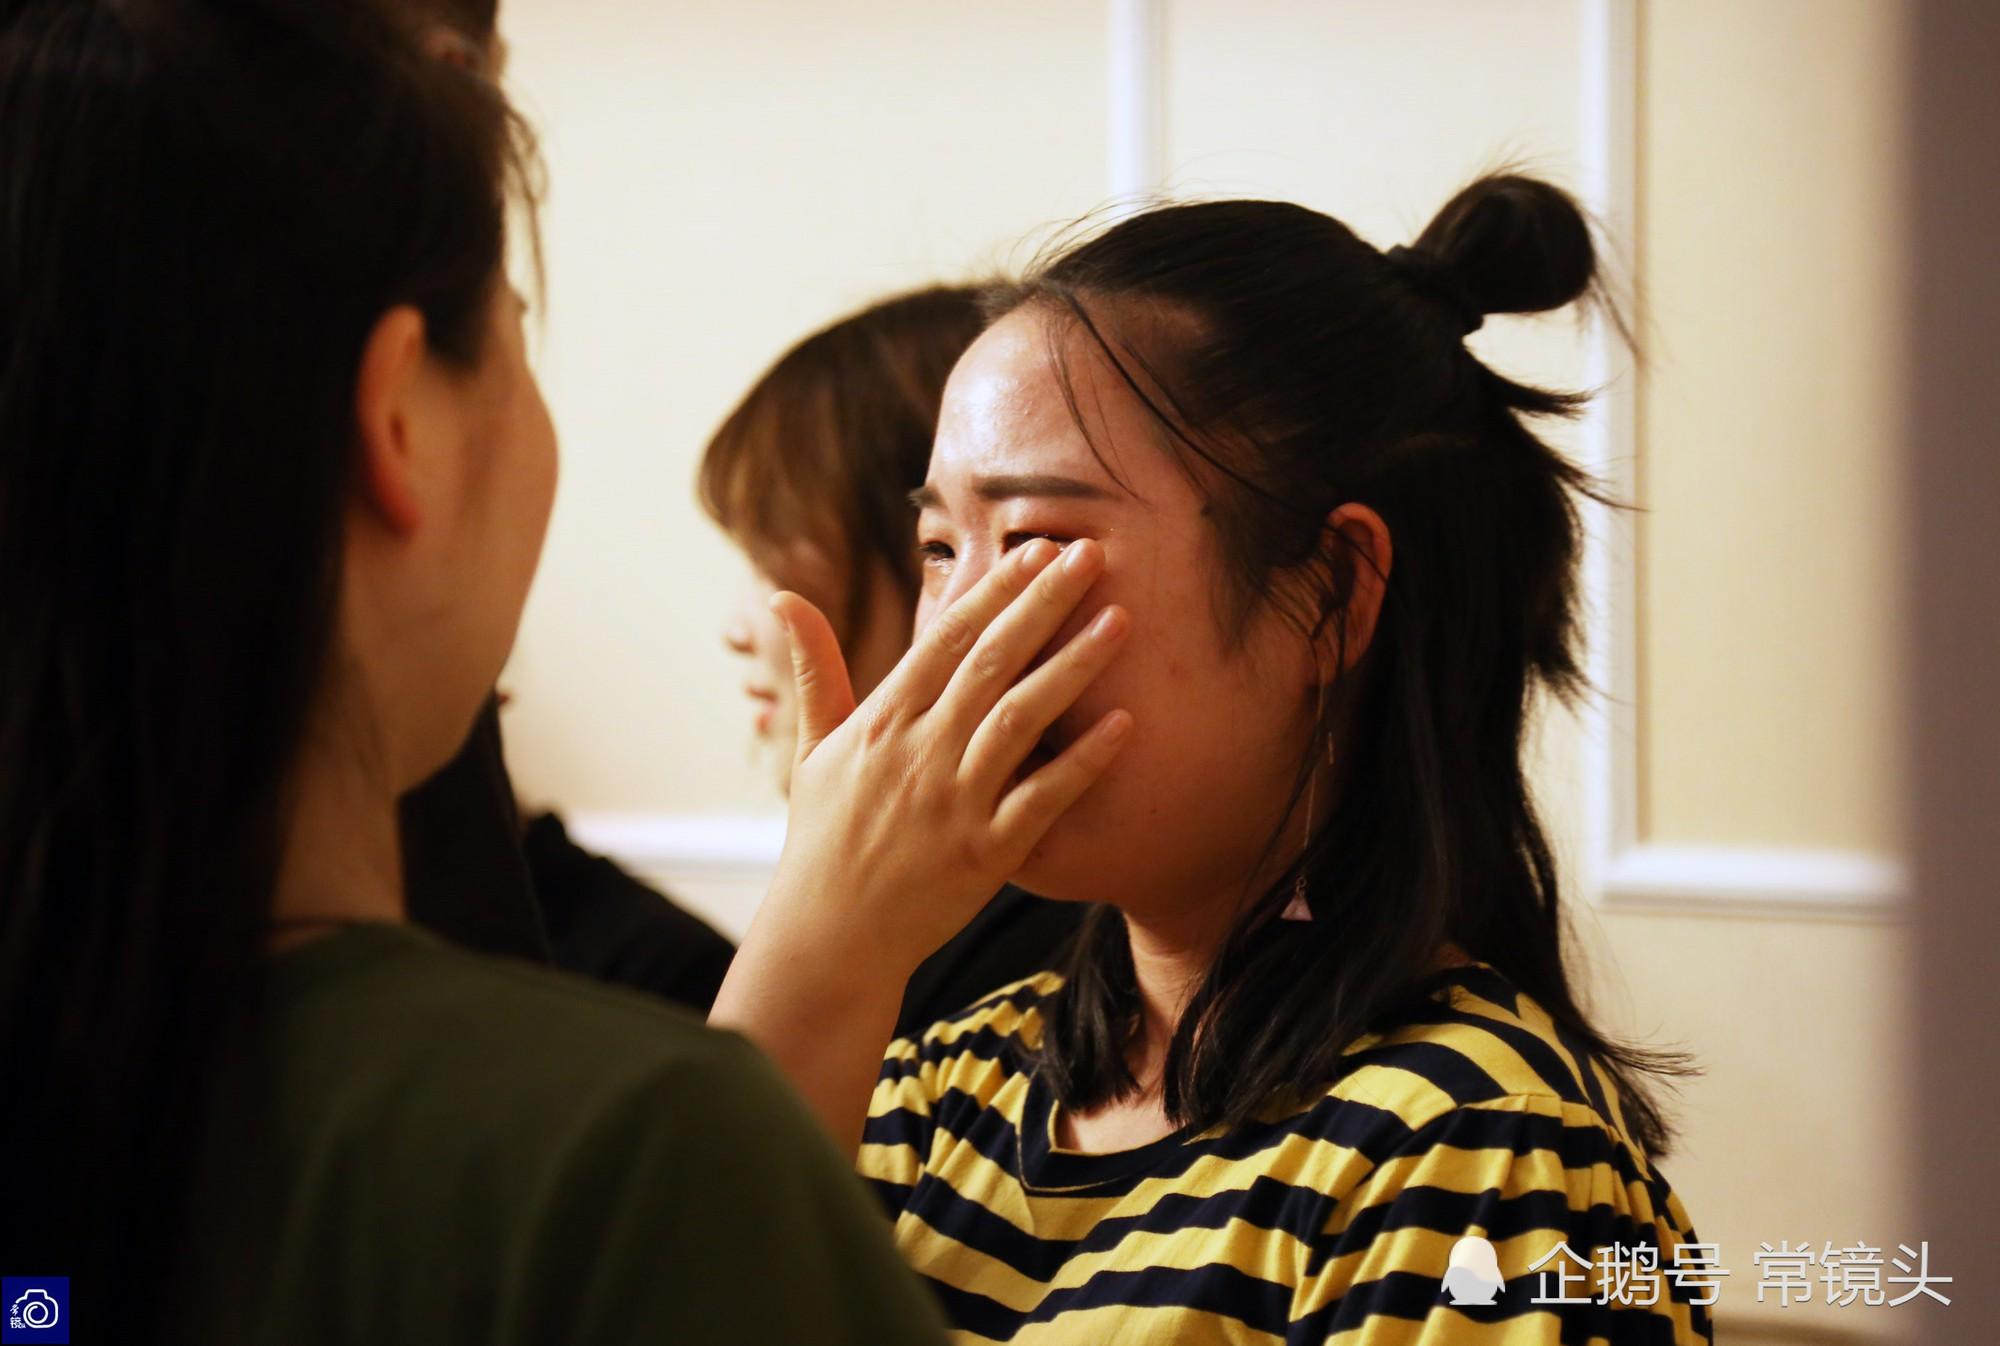 Học sinh cuối cấp ôm nhau khóc nức nở trong tiệc chia tay: Tạm biệt nhé, thanh xuân! - Ảnh 3.